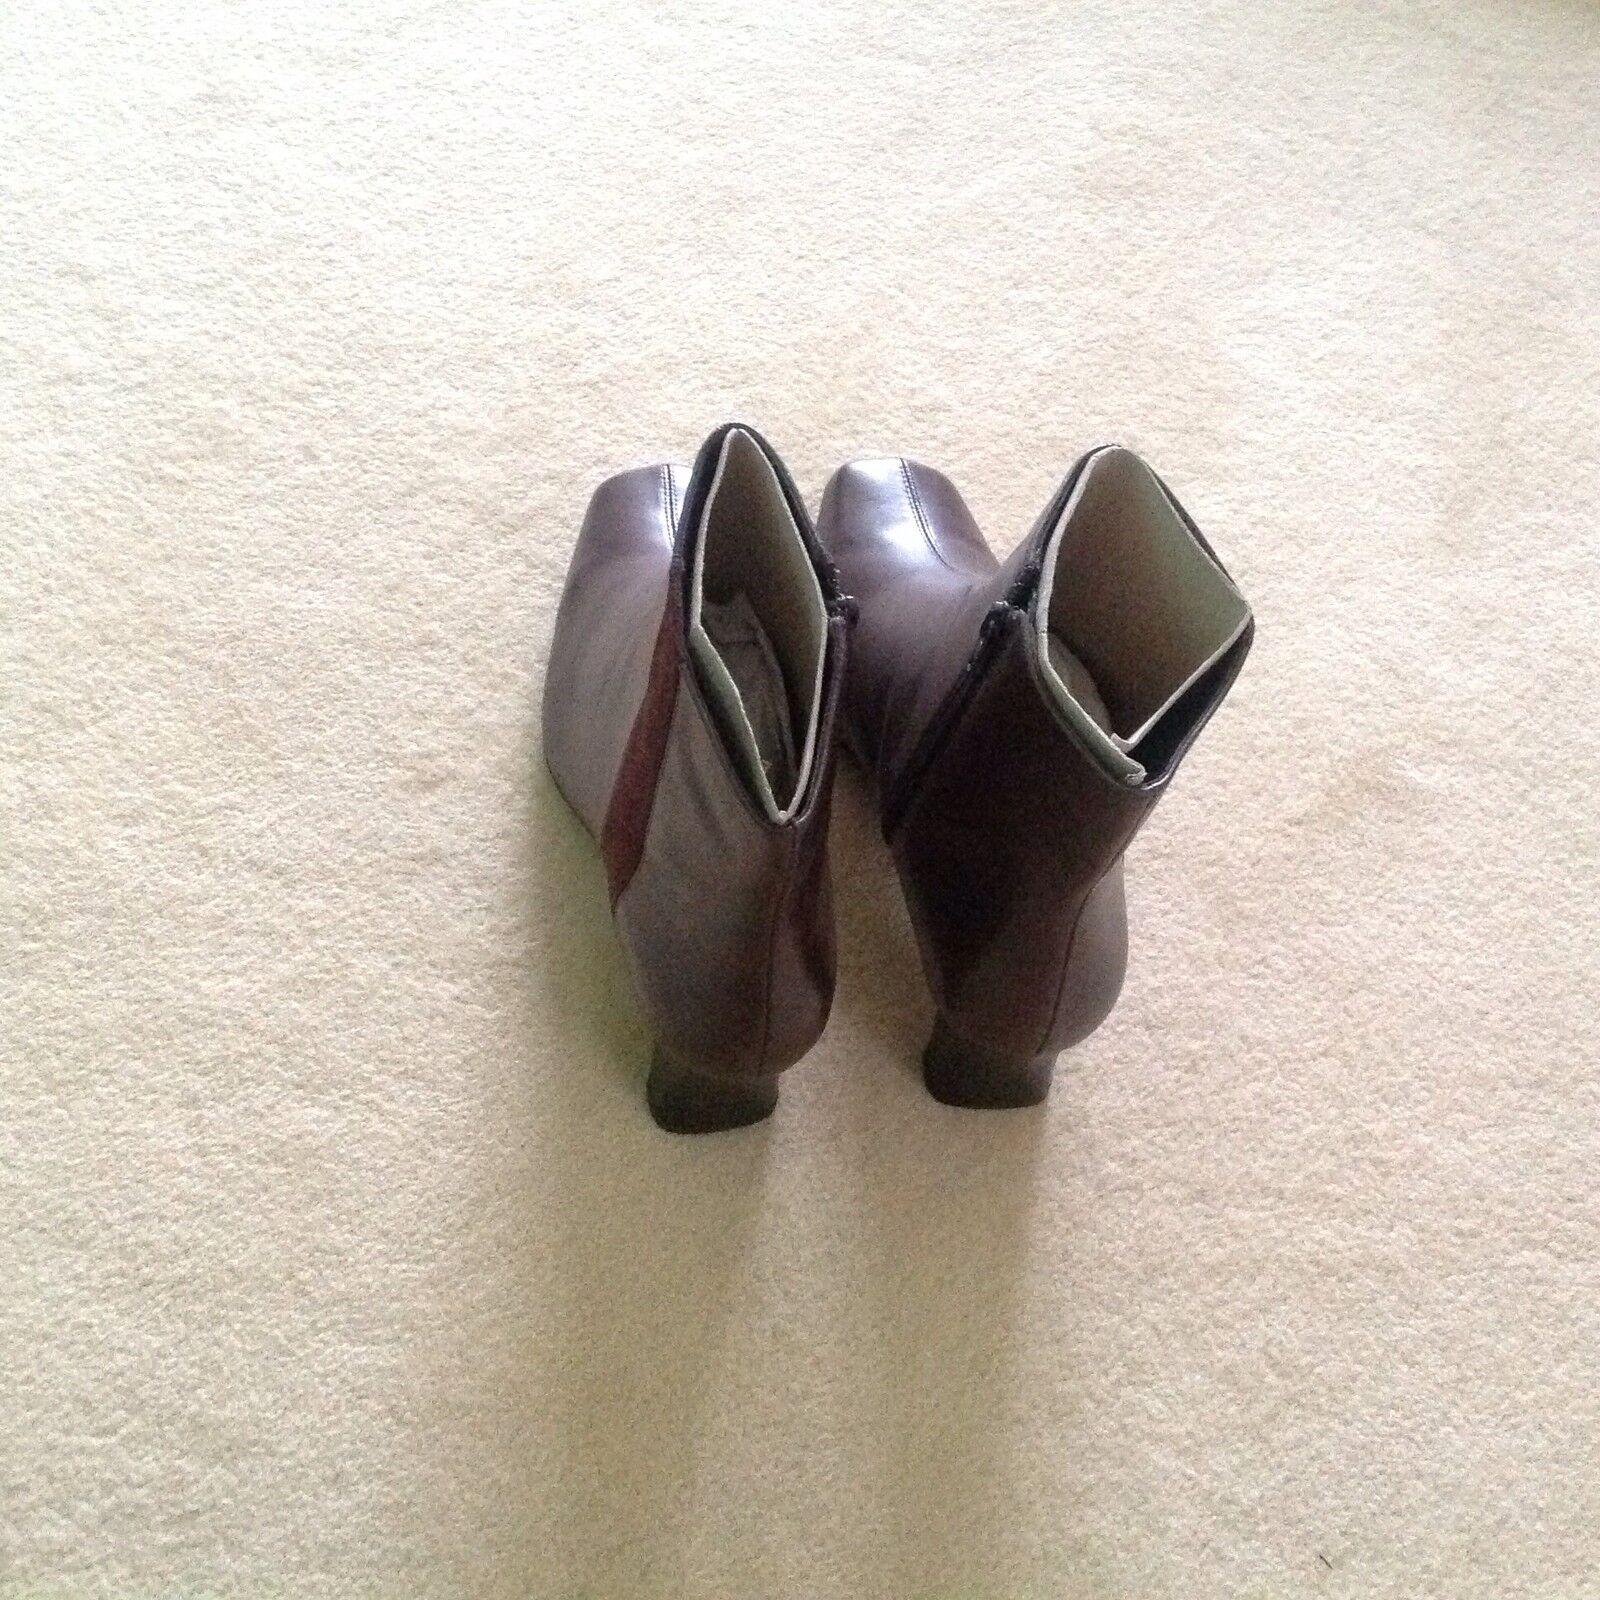 Clarks Braun Leder Stiefel.New Stiefel.New Leder Größe 6UK e78f03